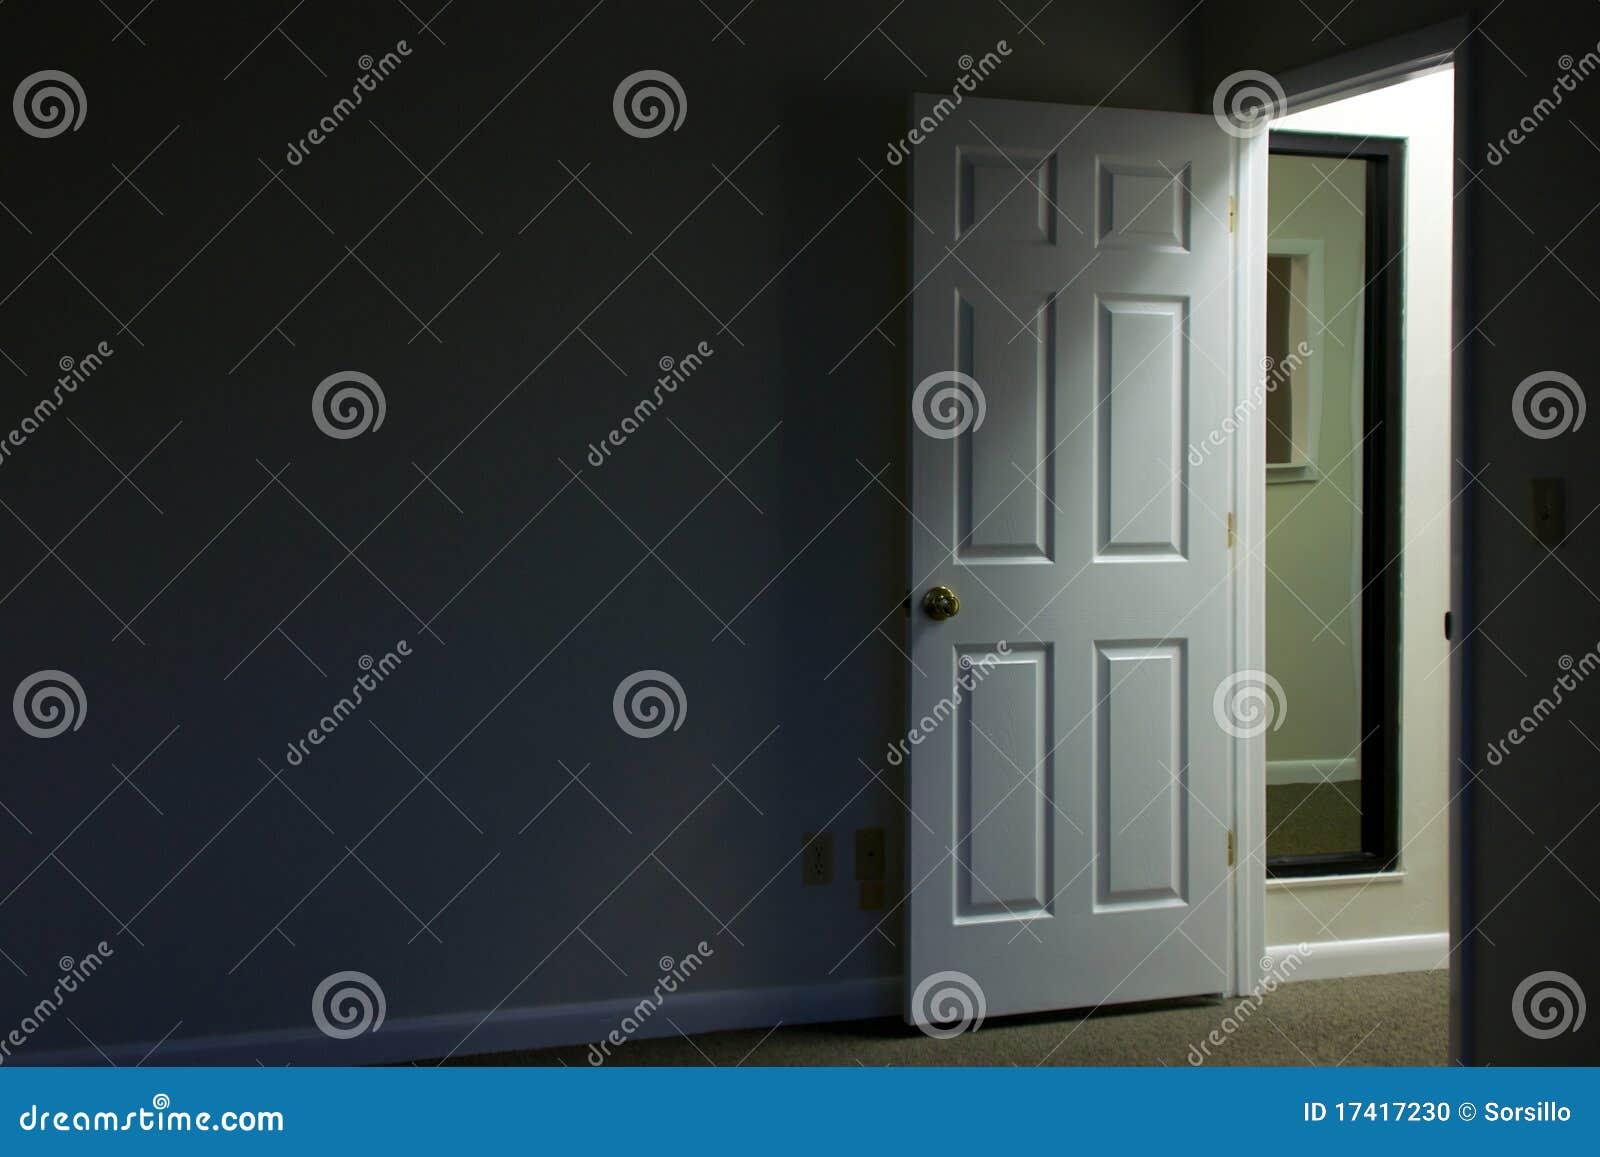 Open door in dark room stock photo. Image of office, dark